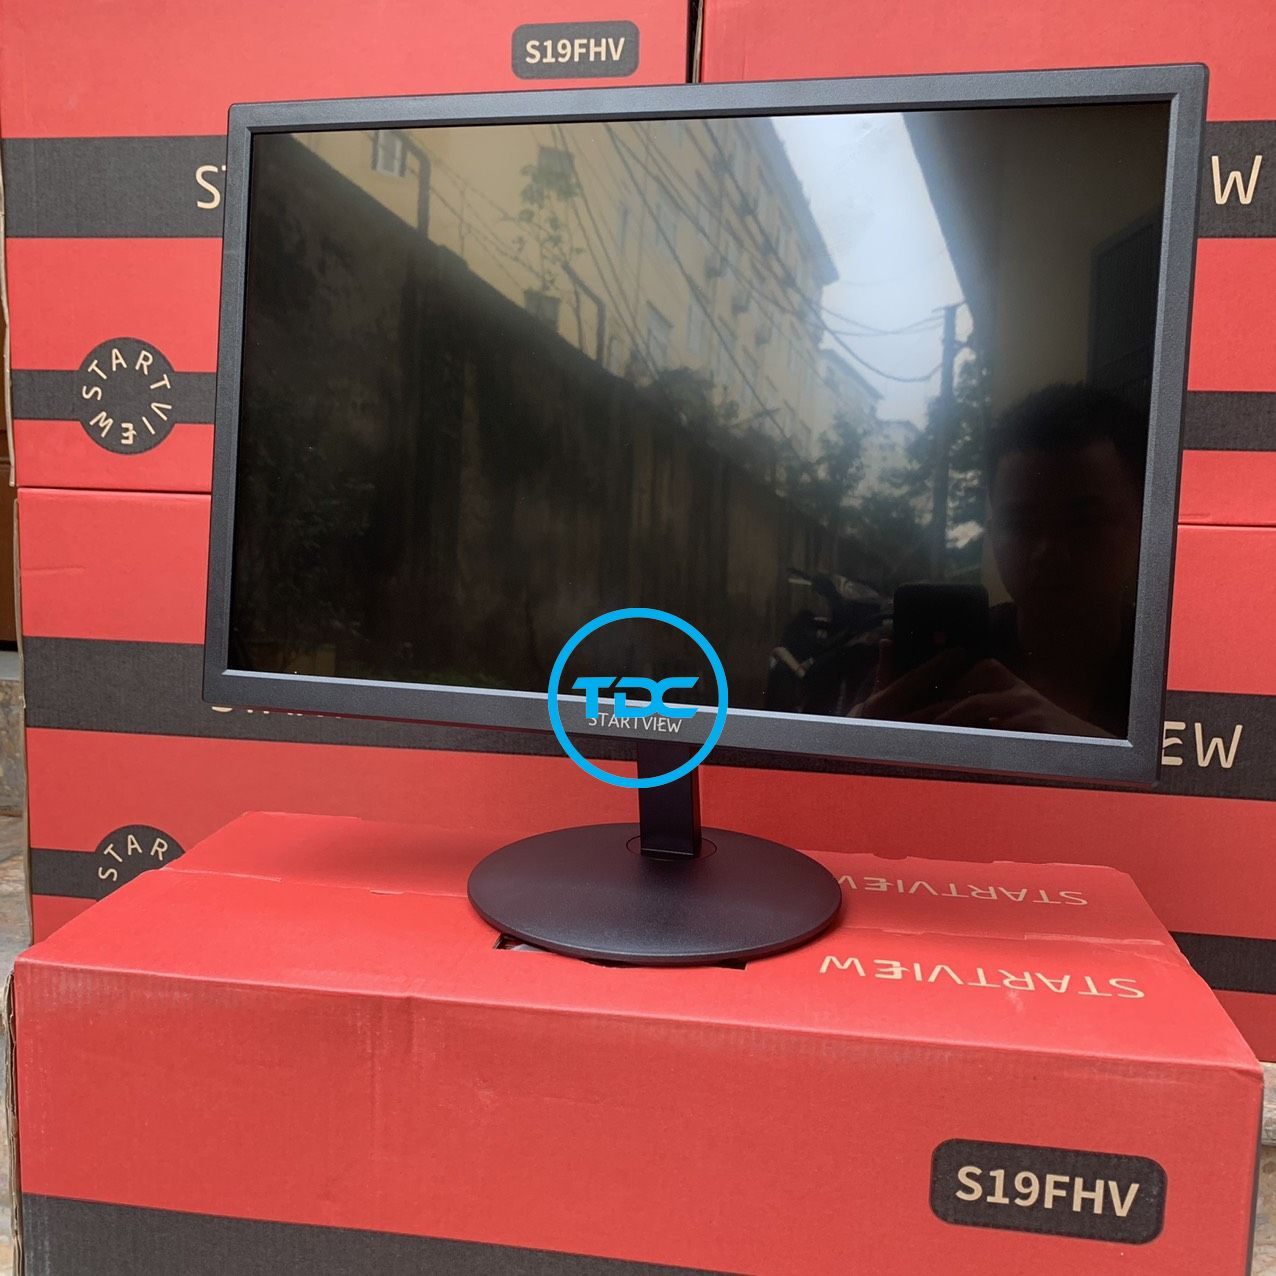 """Màn hình Startview 18.5"""" S19FHV; màn hình máy tính 19 inch, màn hình vi tính chính hãng. HÀNG CHÍNH HÃNG . BẢO HÀNH 2 NĂM"""